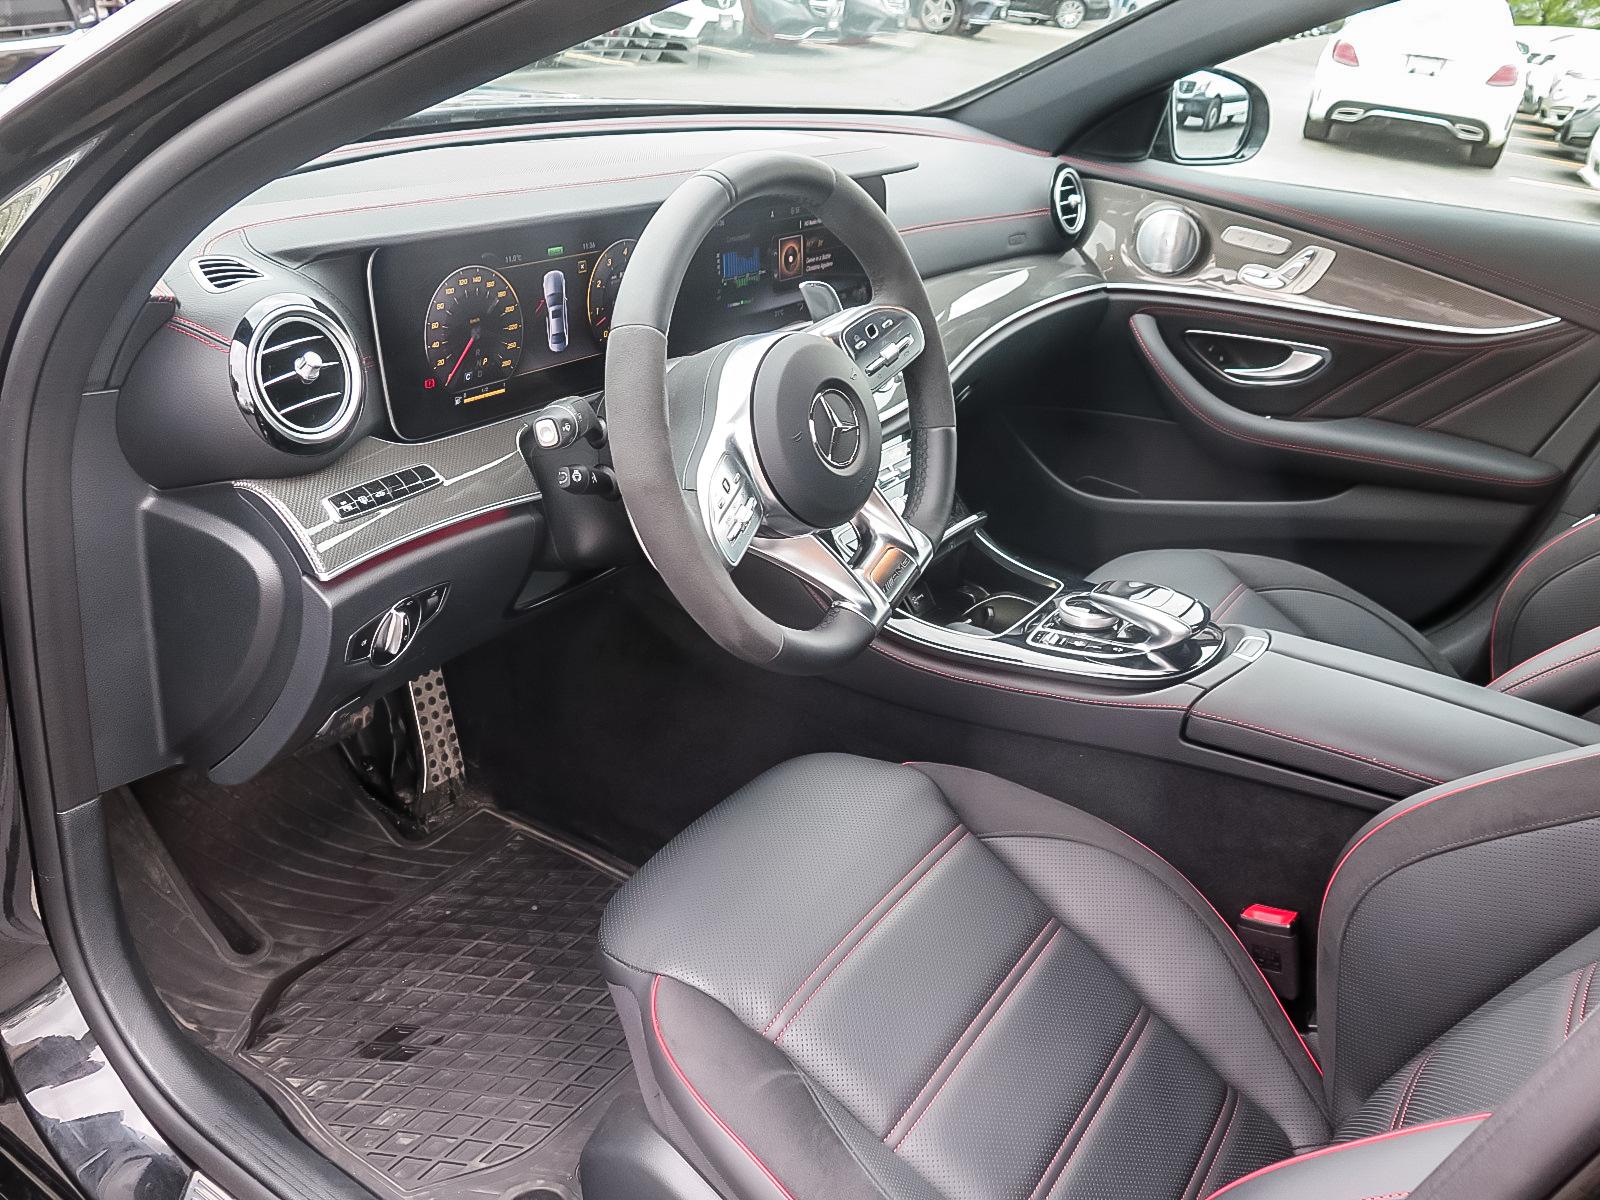 New 2019 Mercedes-Benz E53 AMG 4MATIC+ Sedan